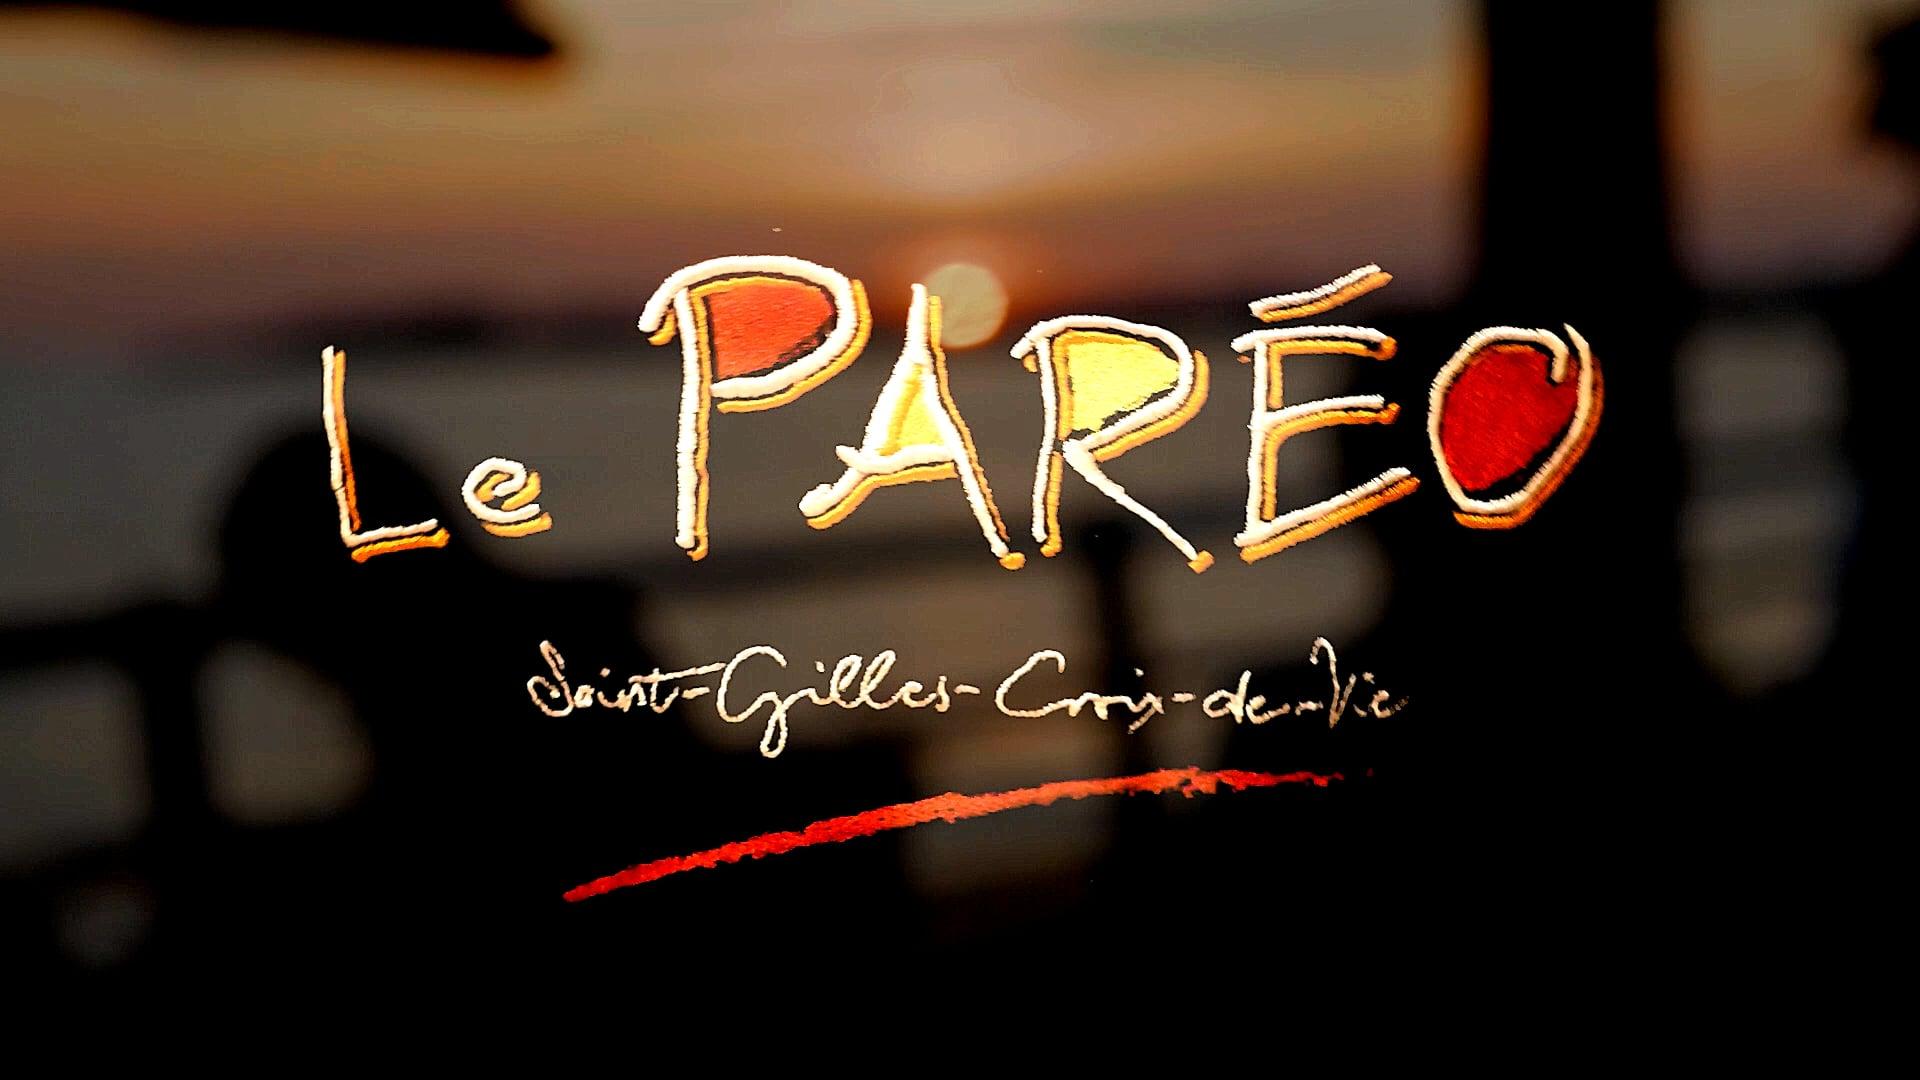 Restaurant Le Paréo - Saint Gilles Croix de Vie